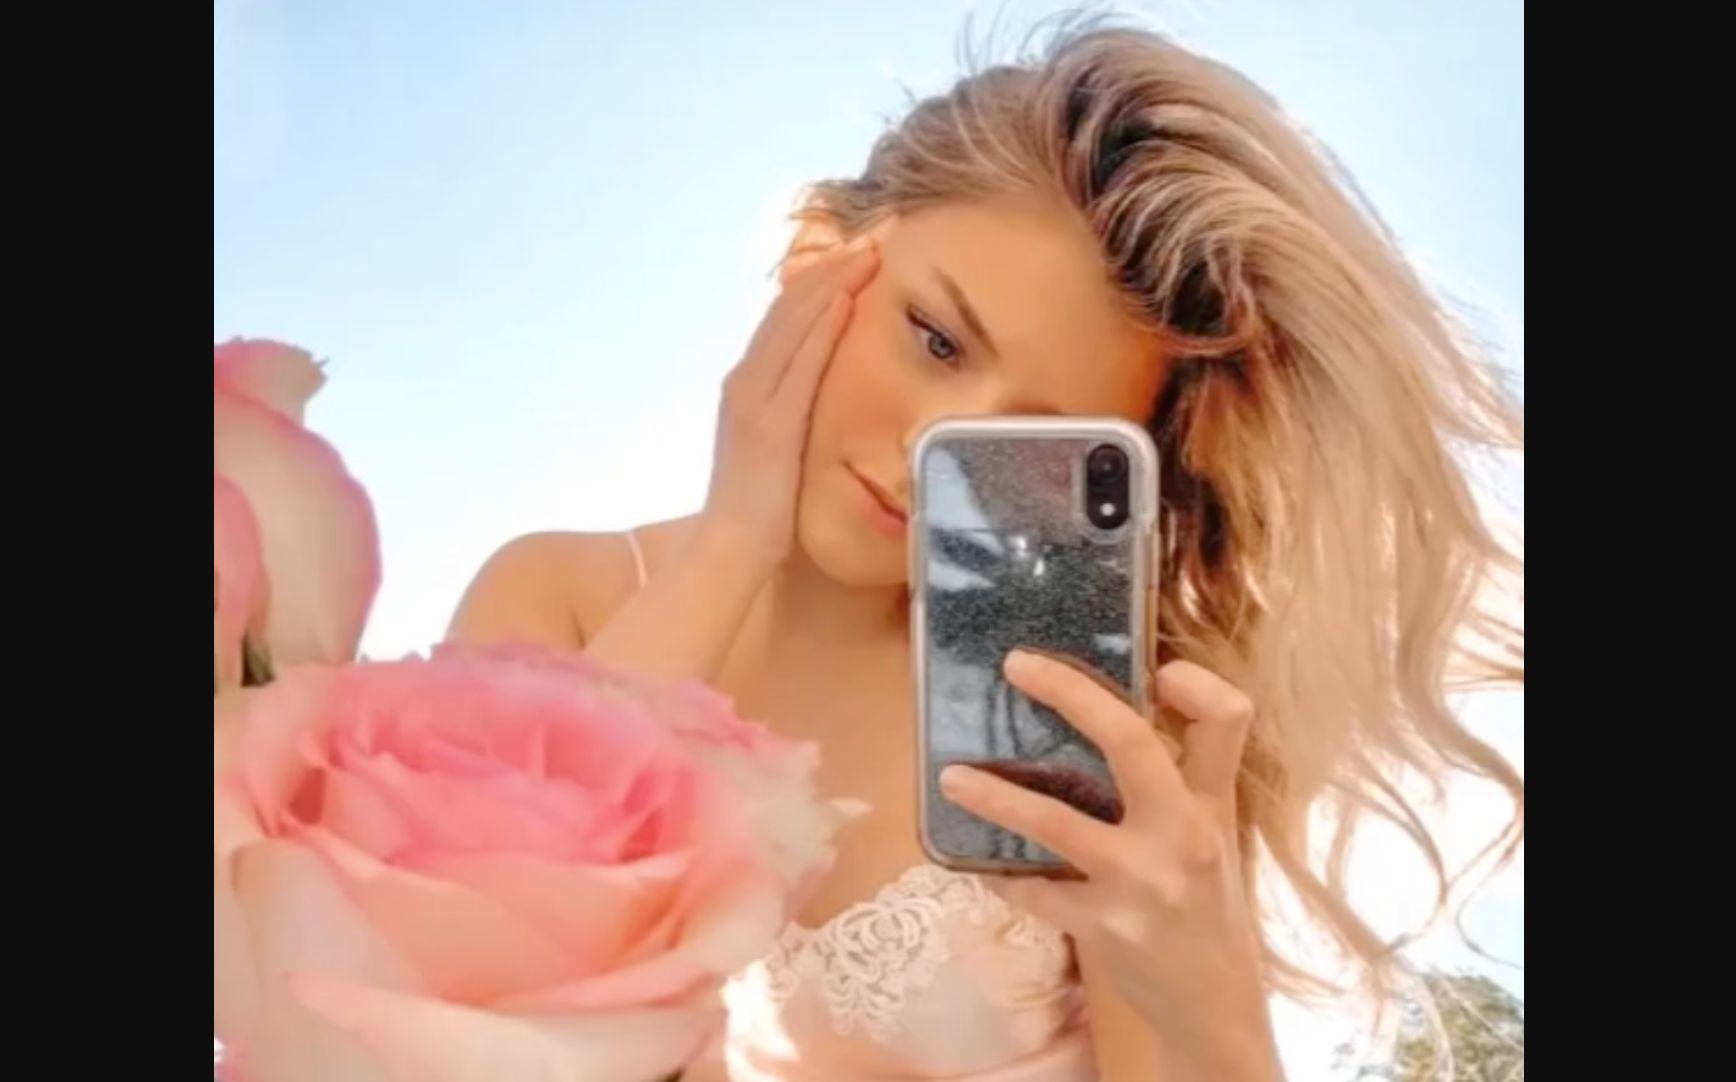 Tiktok Influencer Reinvents The Mirror Selfie